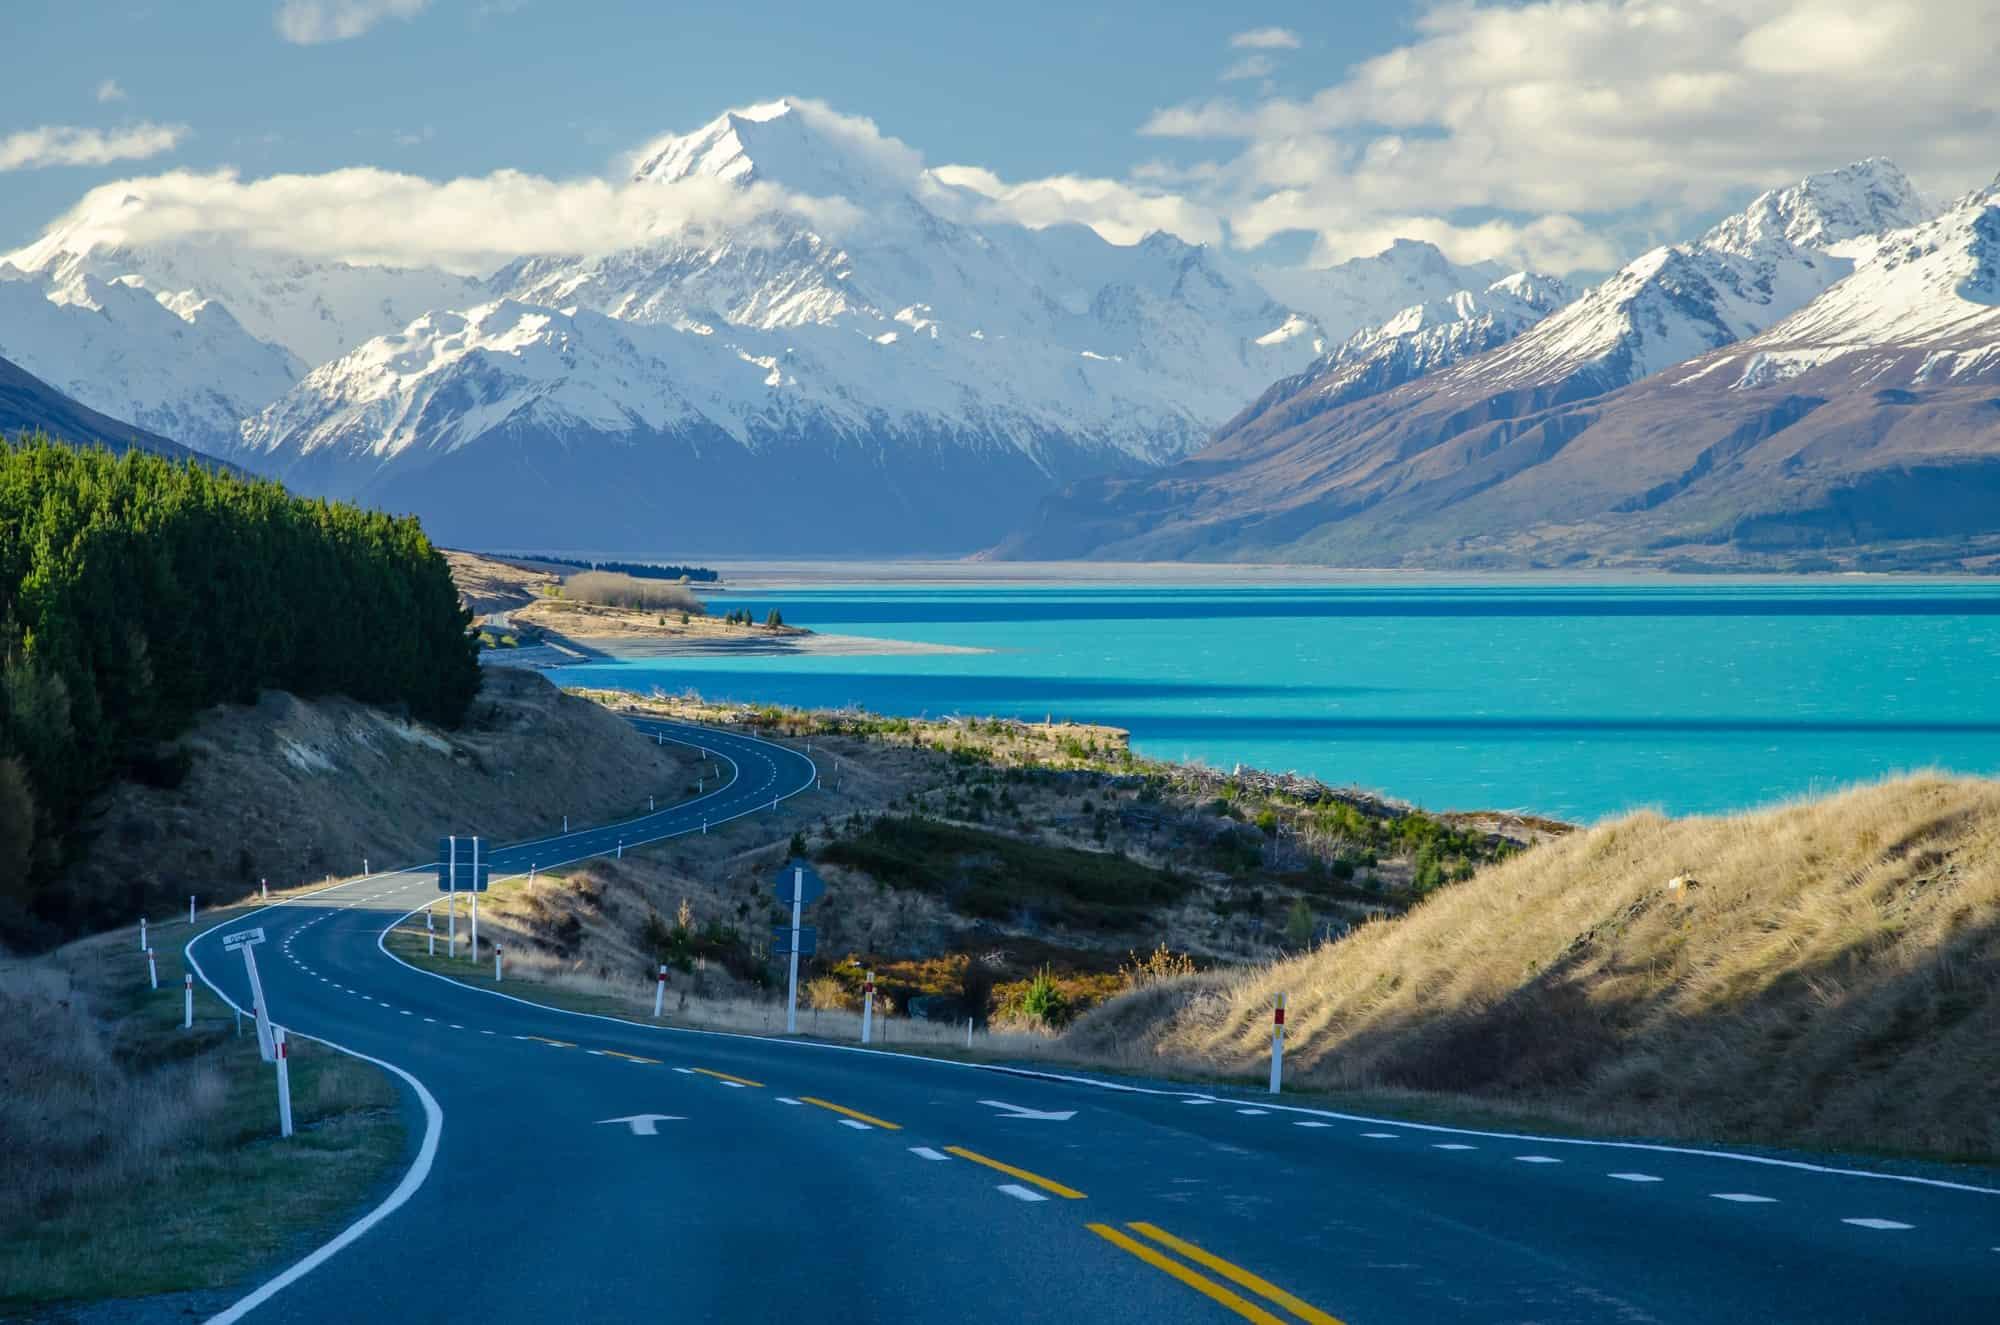 Nový Zéland kompletní průvodce